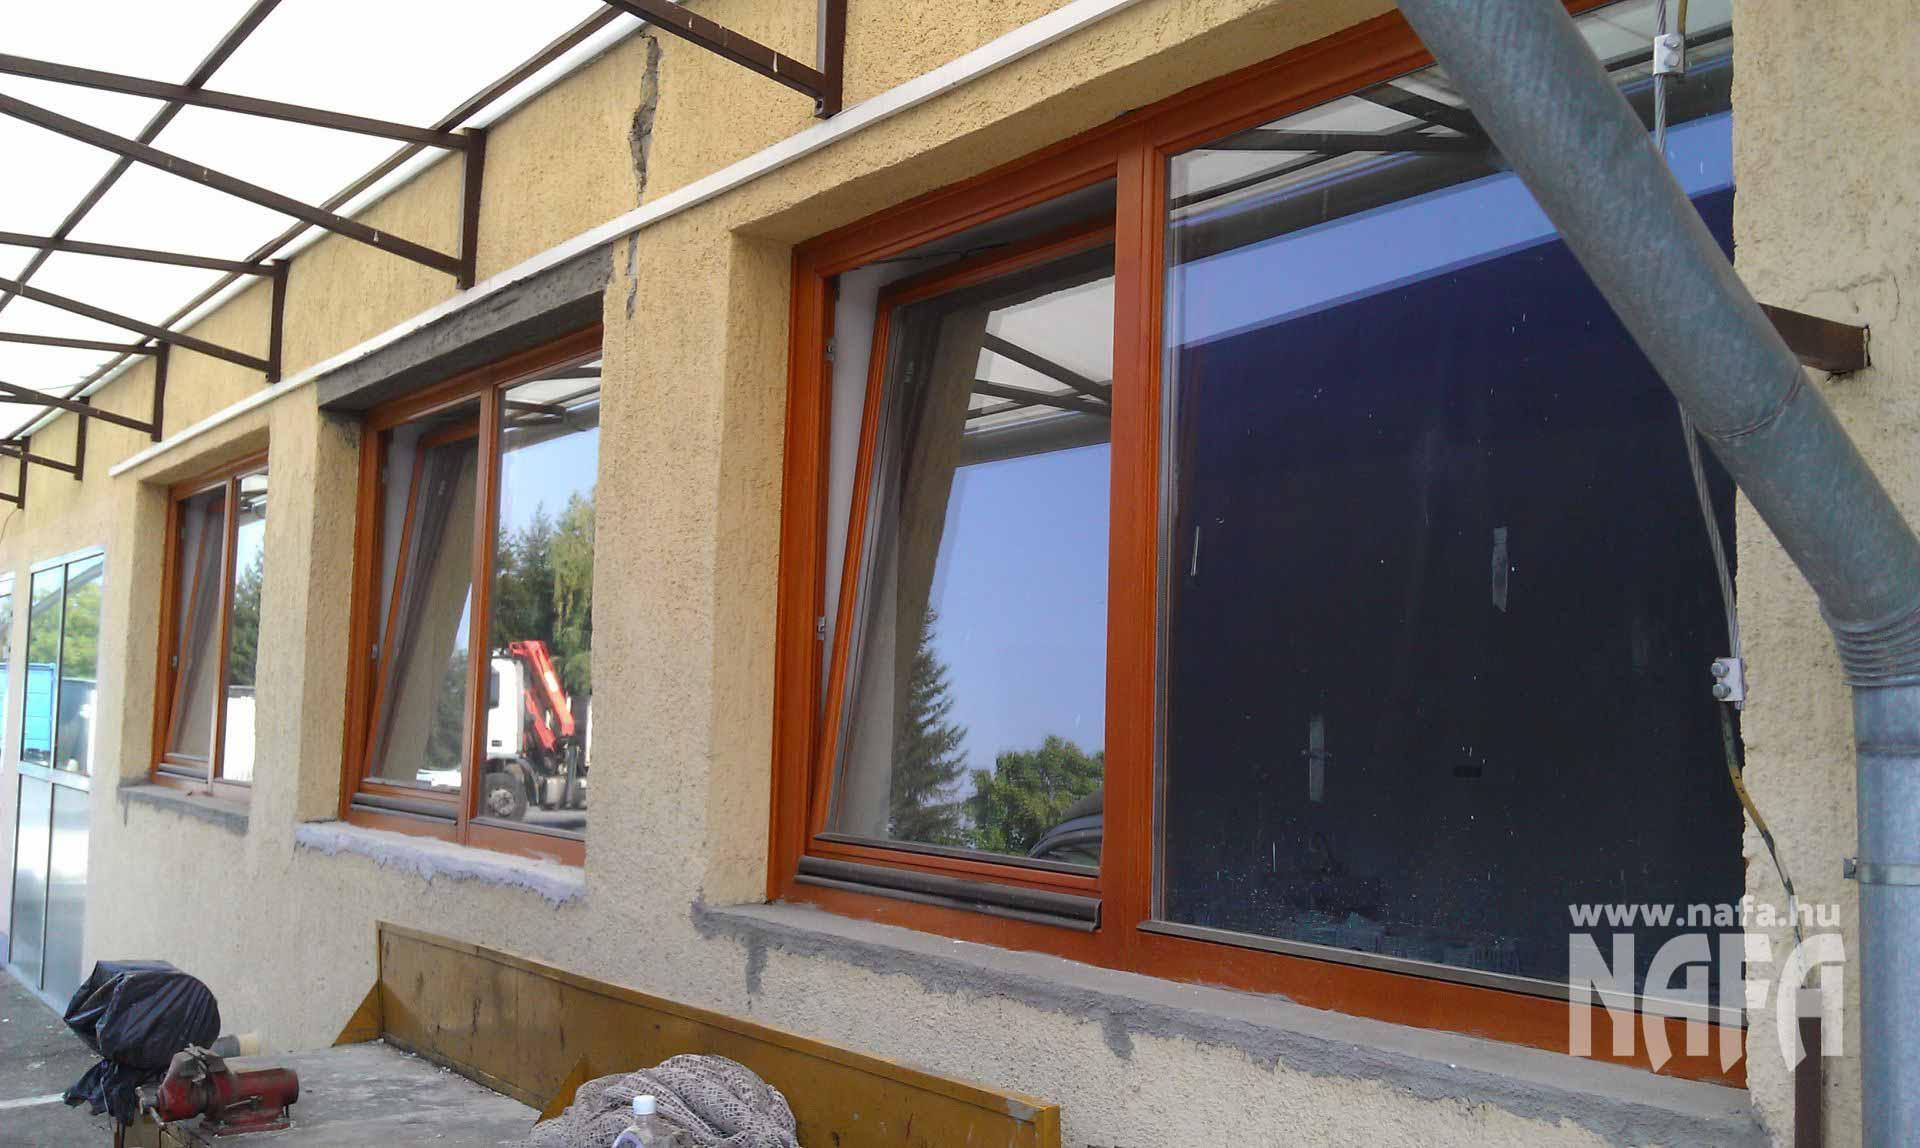 Fa nyílászárók, egyedi festett ablakok, Nagykanizsa Közintézmény